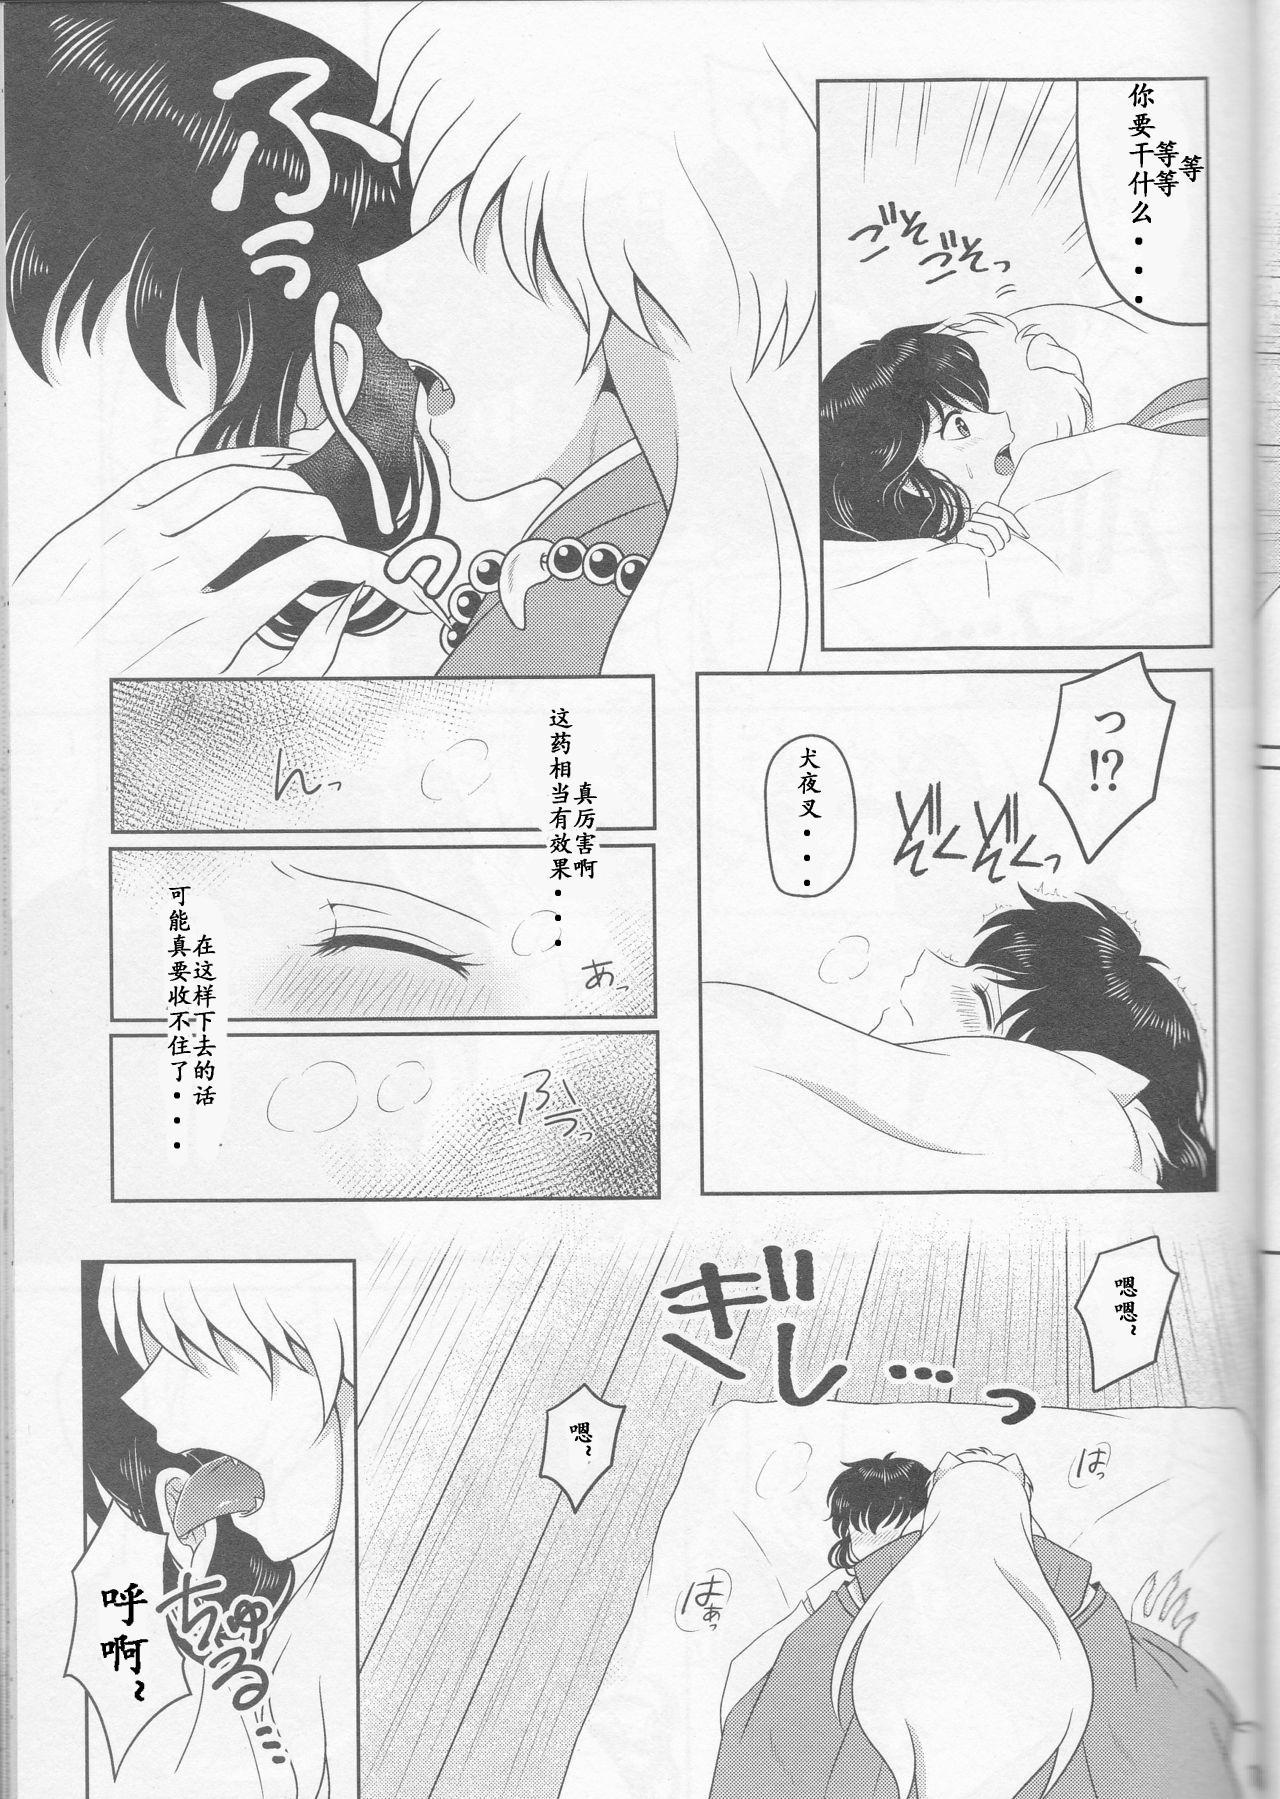 Koi Gusuri - Love drug 17